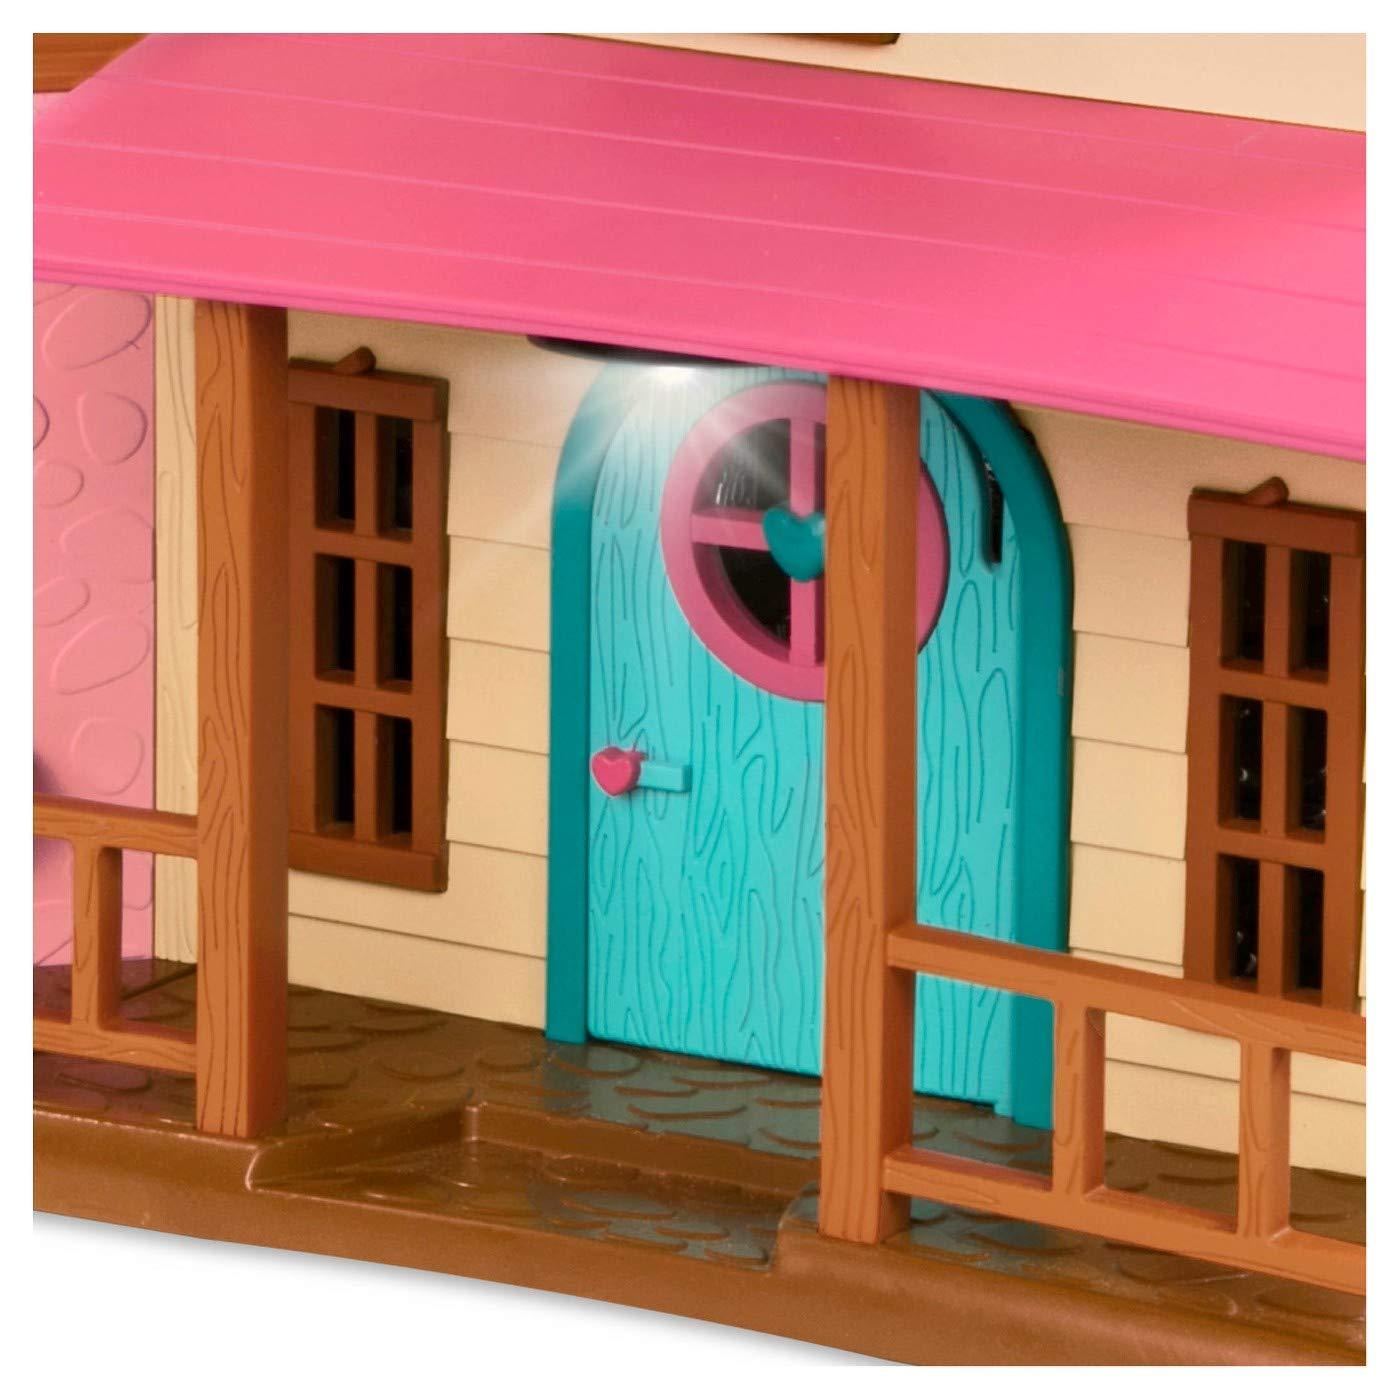 25 Pieces Branford Limited Honeysuckle Hillside Cottage Lil Woodzeez Animal Figurine Playset and Accessories